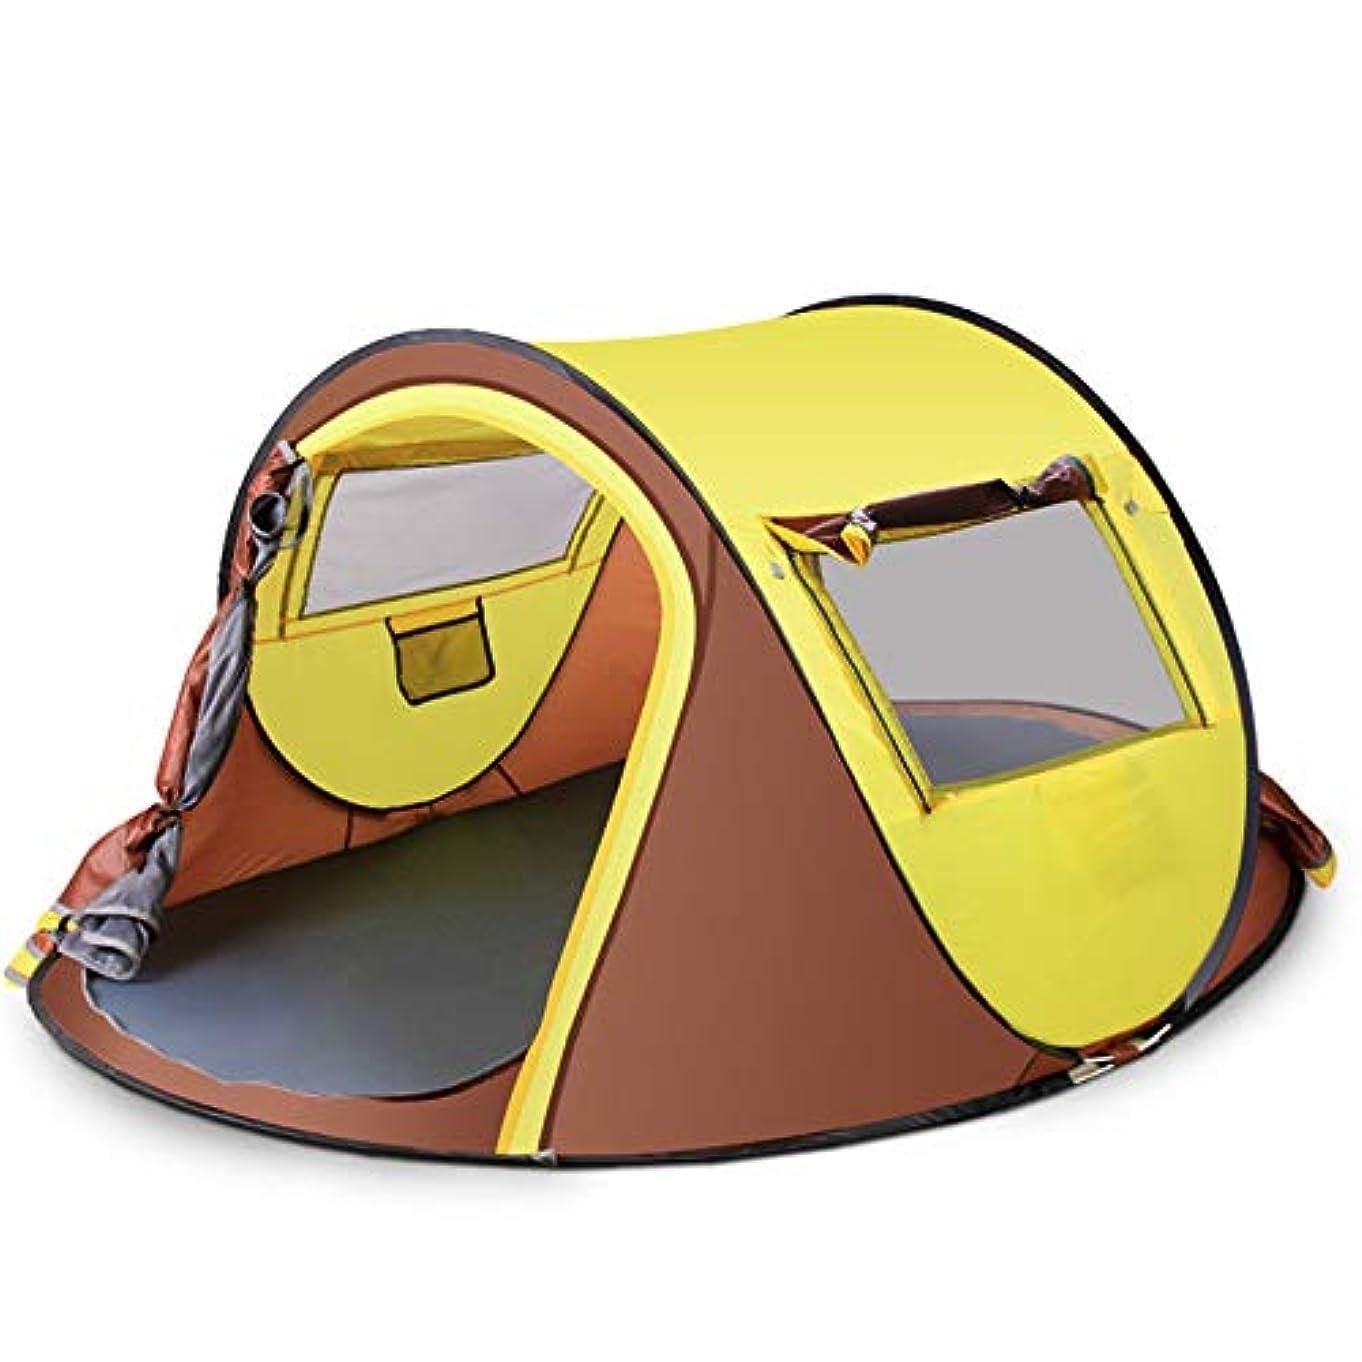 効能スタウトライターポップアップテント、ポータブルビーチテント、防水キャンプテント、家族の庭/キャンプ/釣り/ビーチに適した屋外サンシェルターUV保護